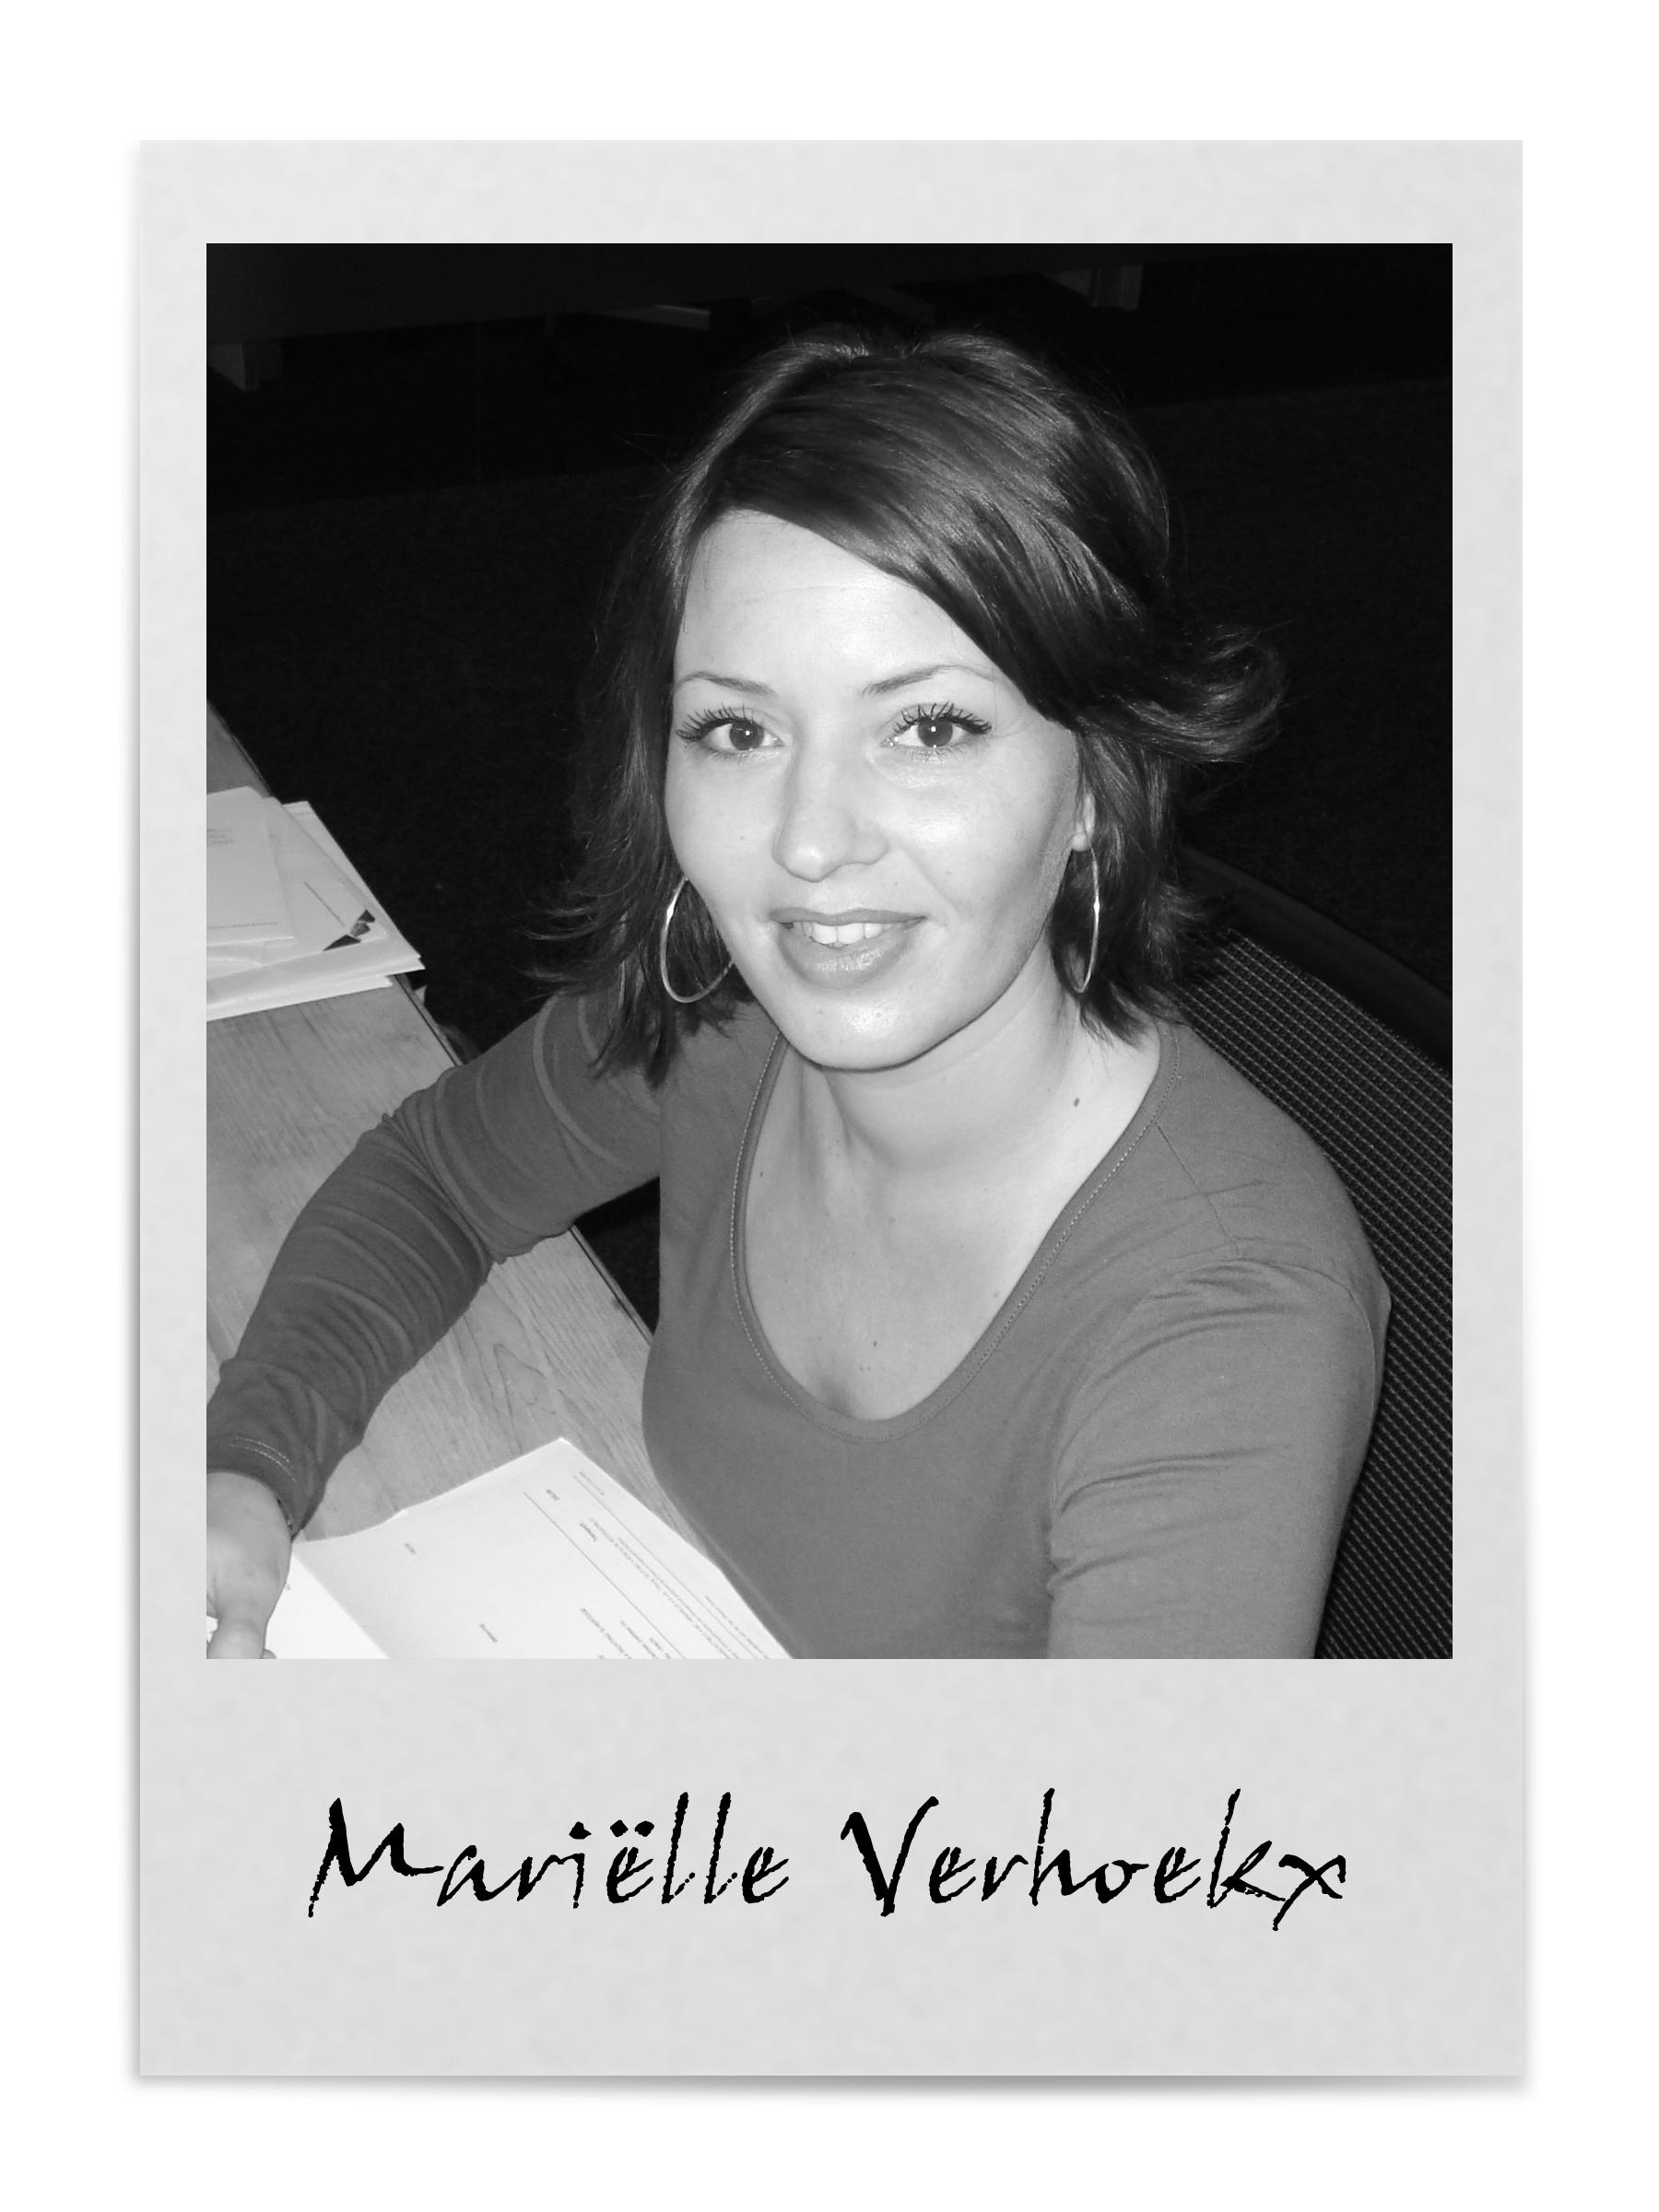 Mariëlle Verhoekx